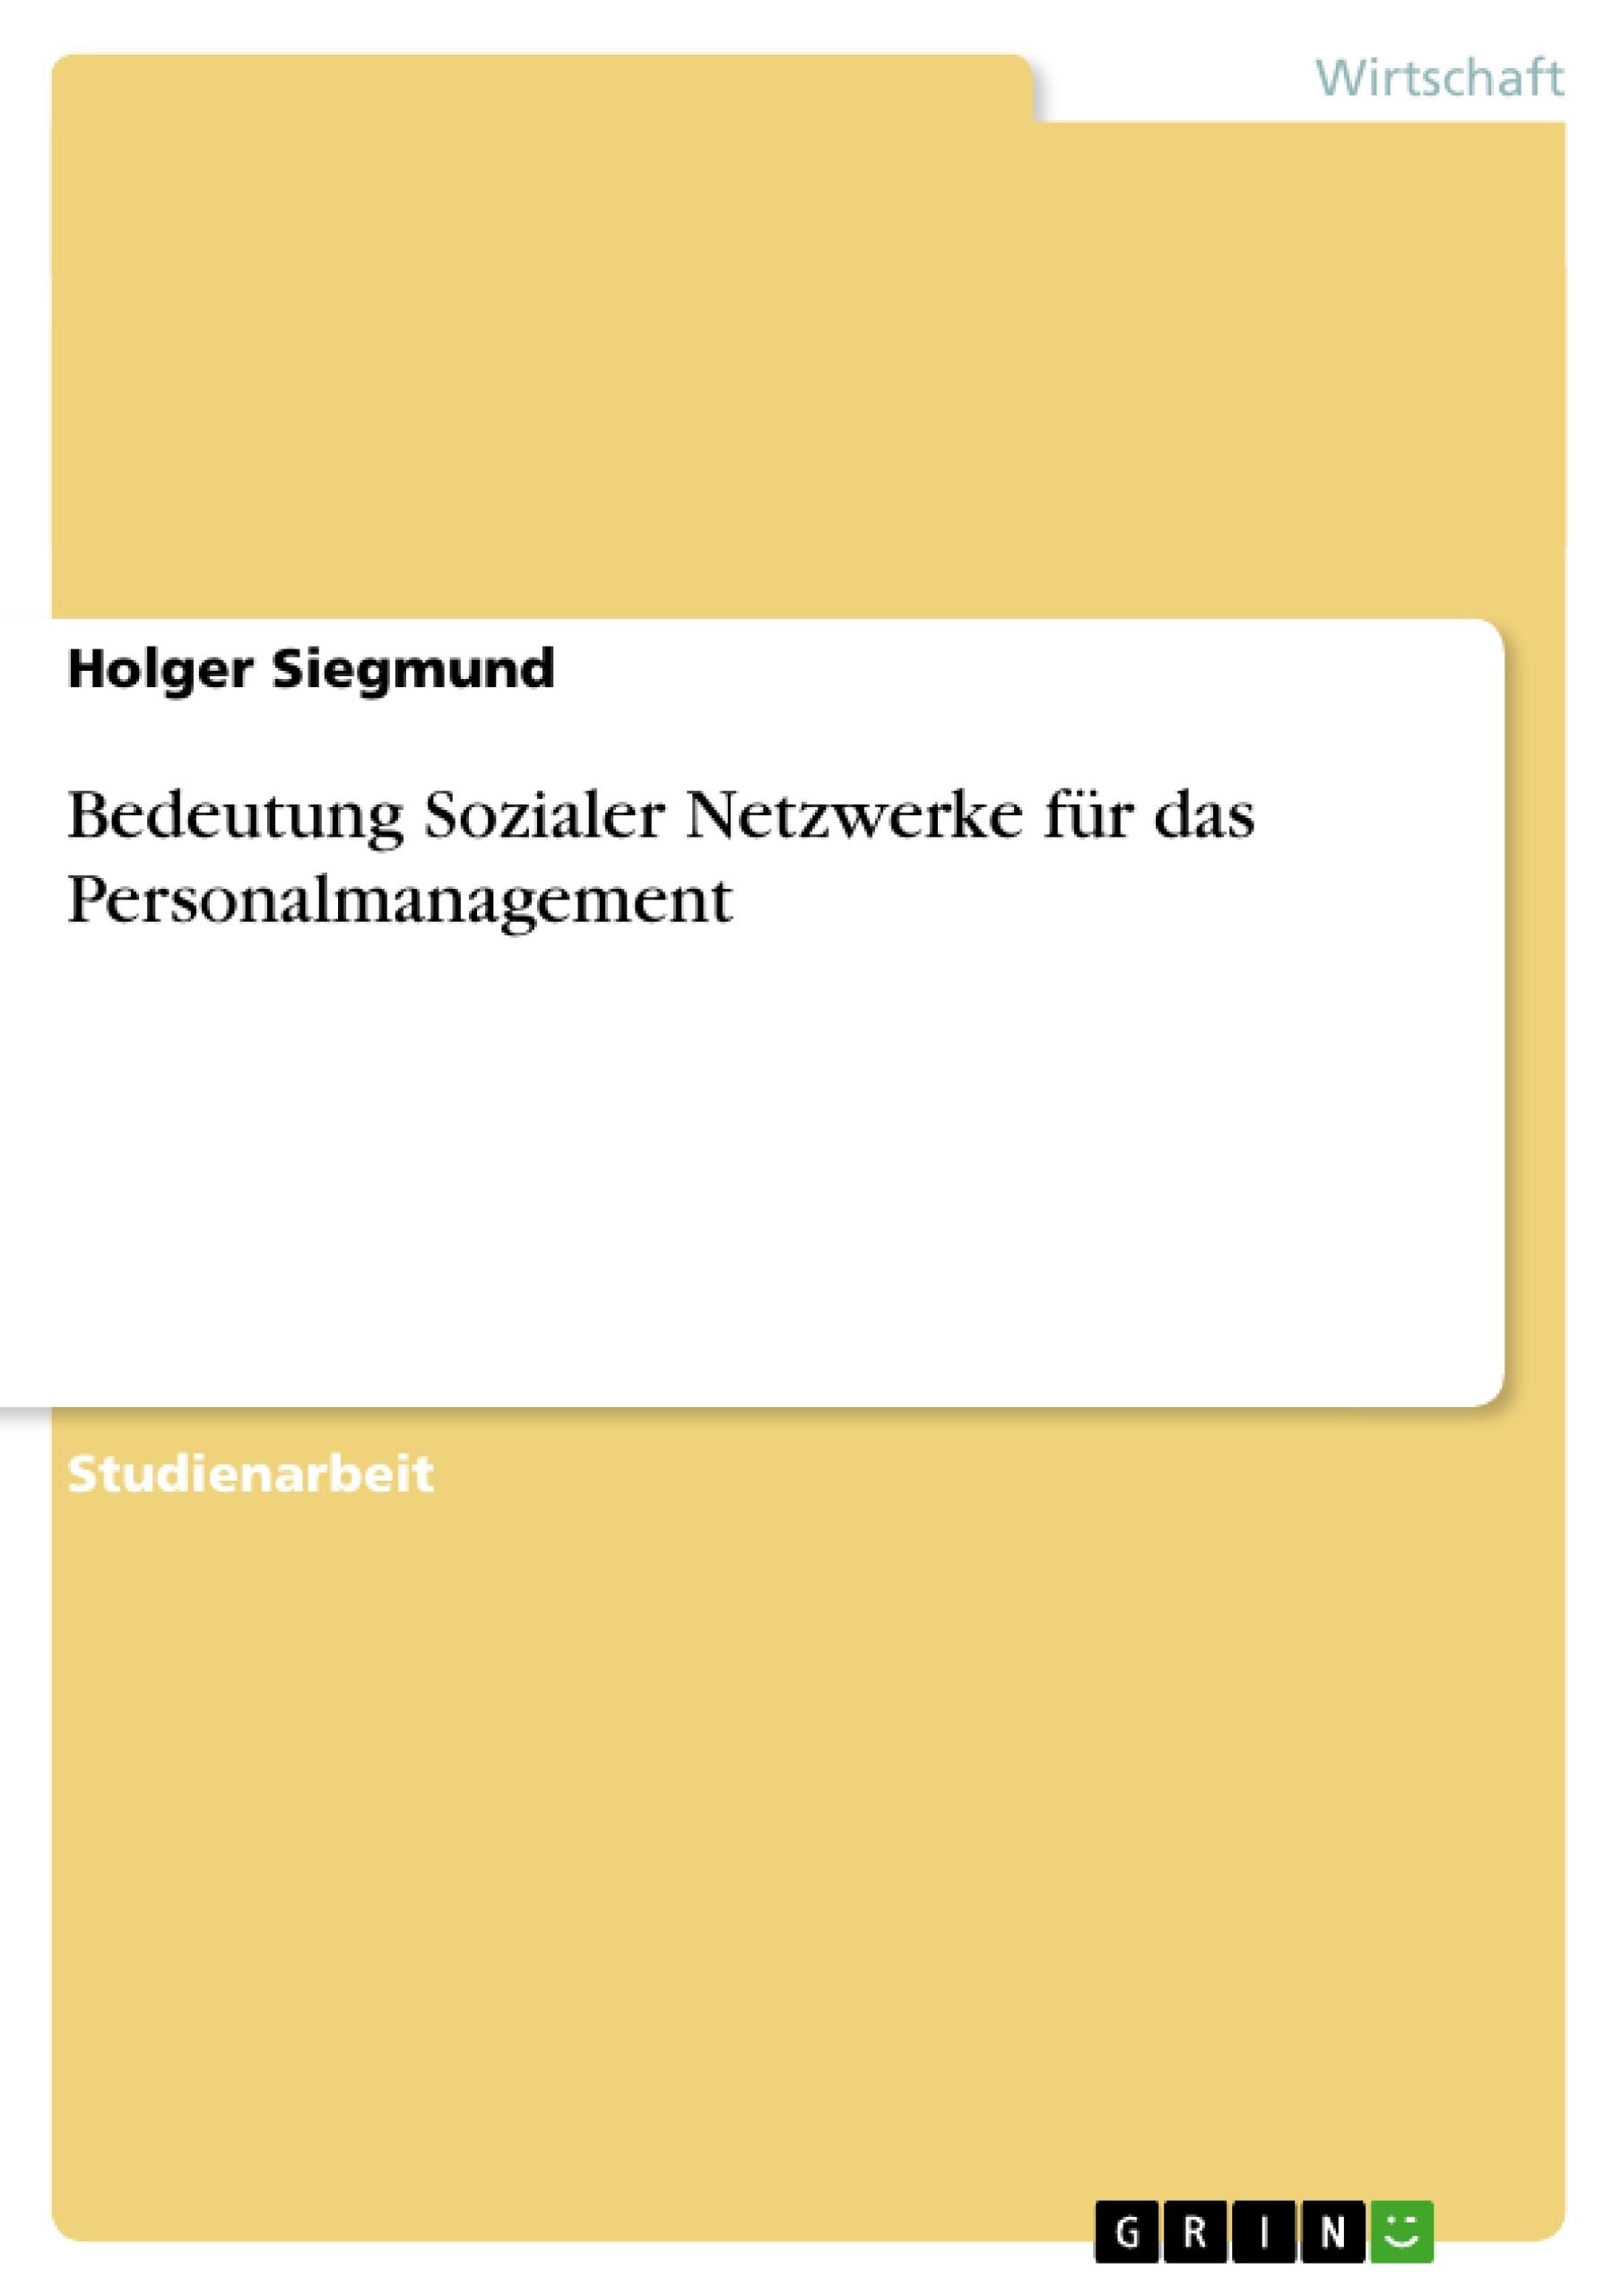 Titel: Bedeutung Sozialer Netzwerke für das Personalmanagement